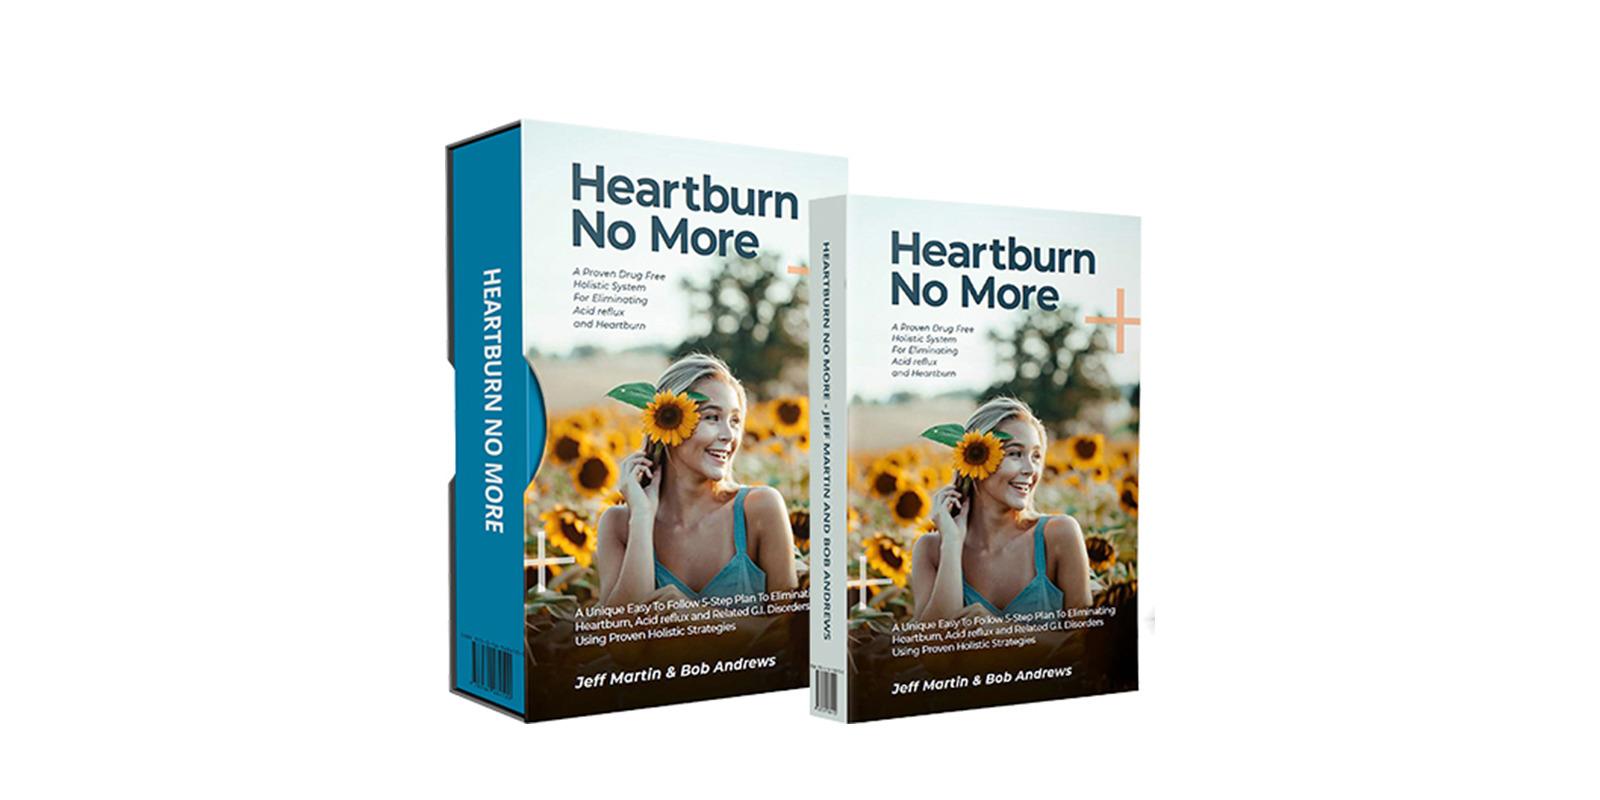 Heartburn No More Reviews